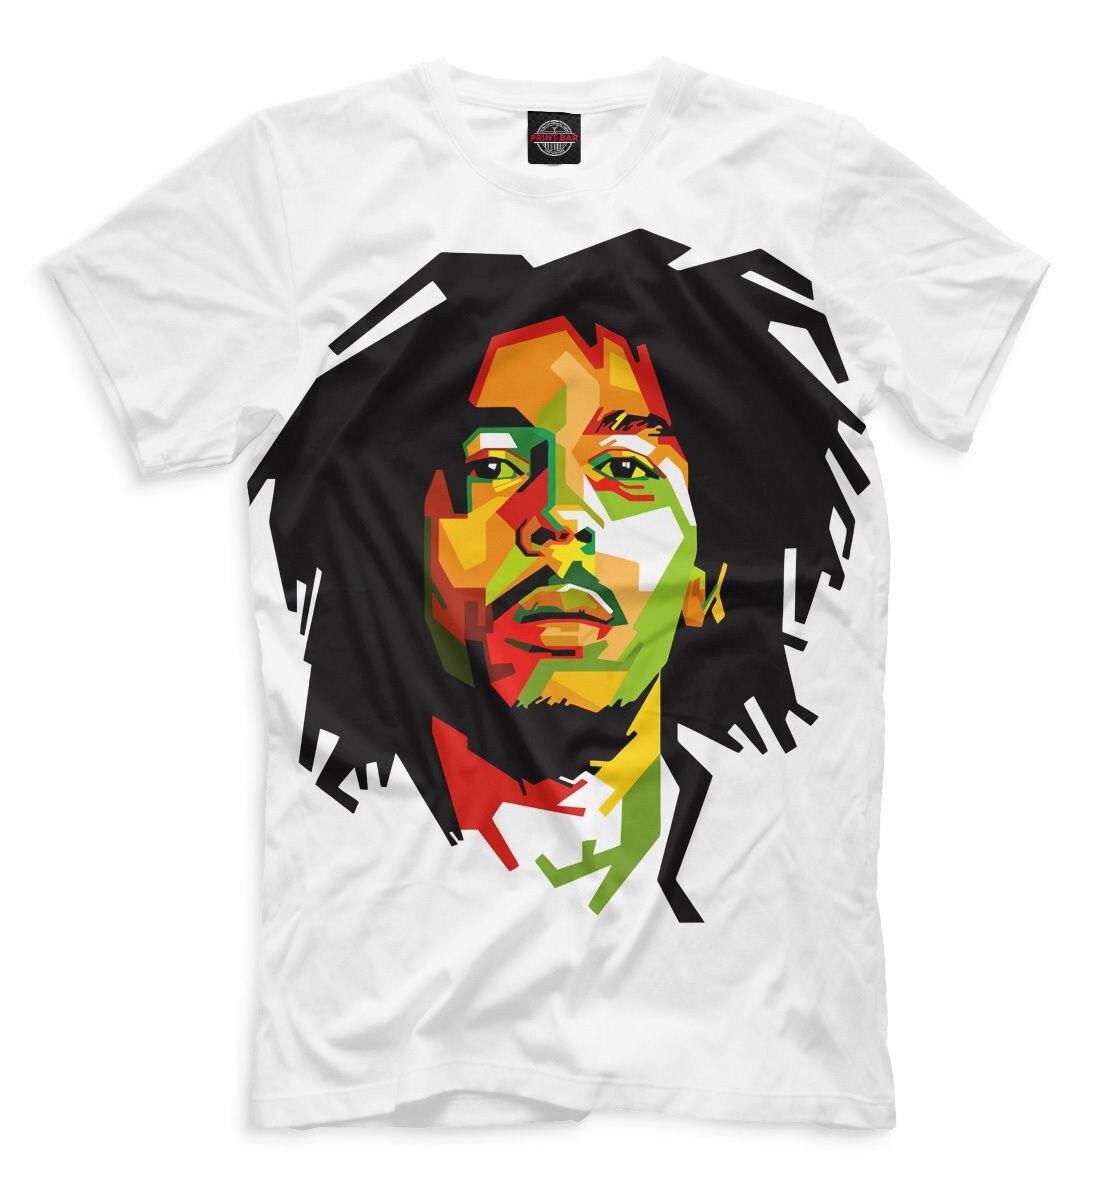 2018 Nouveau Mode D'été T-shirt BOB MARLEY NOUVEAU t-shirt rasta drapeau reggae jamaïque designe cool HQ impression